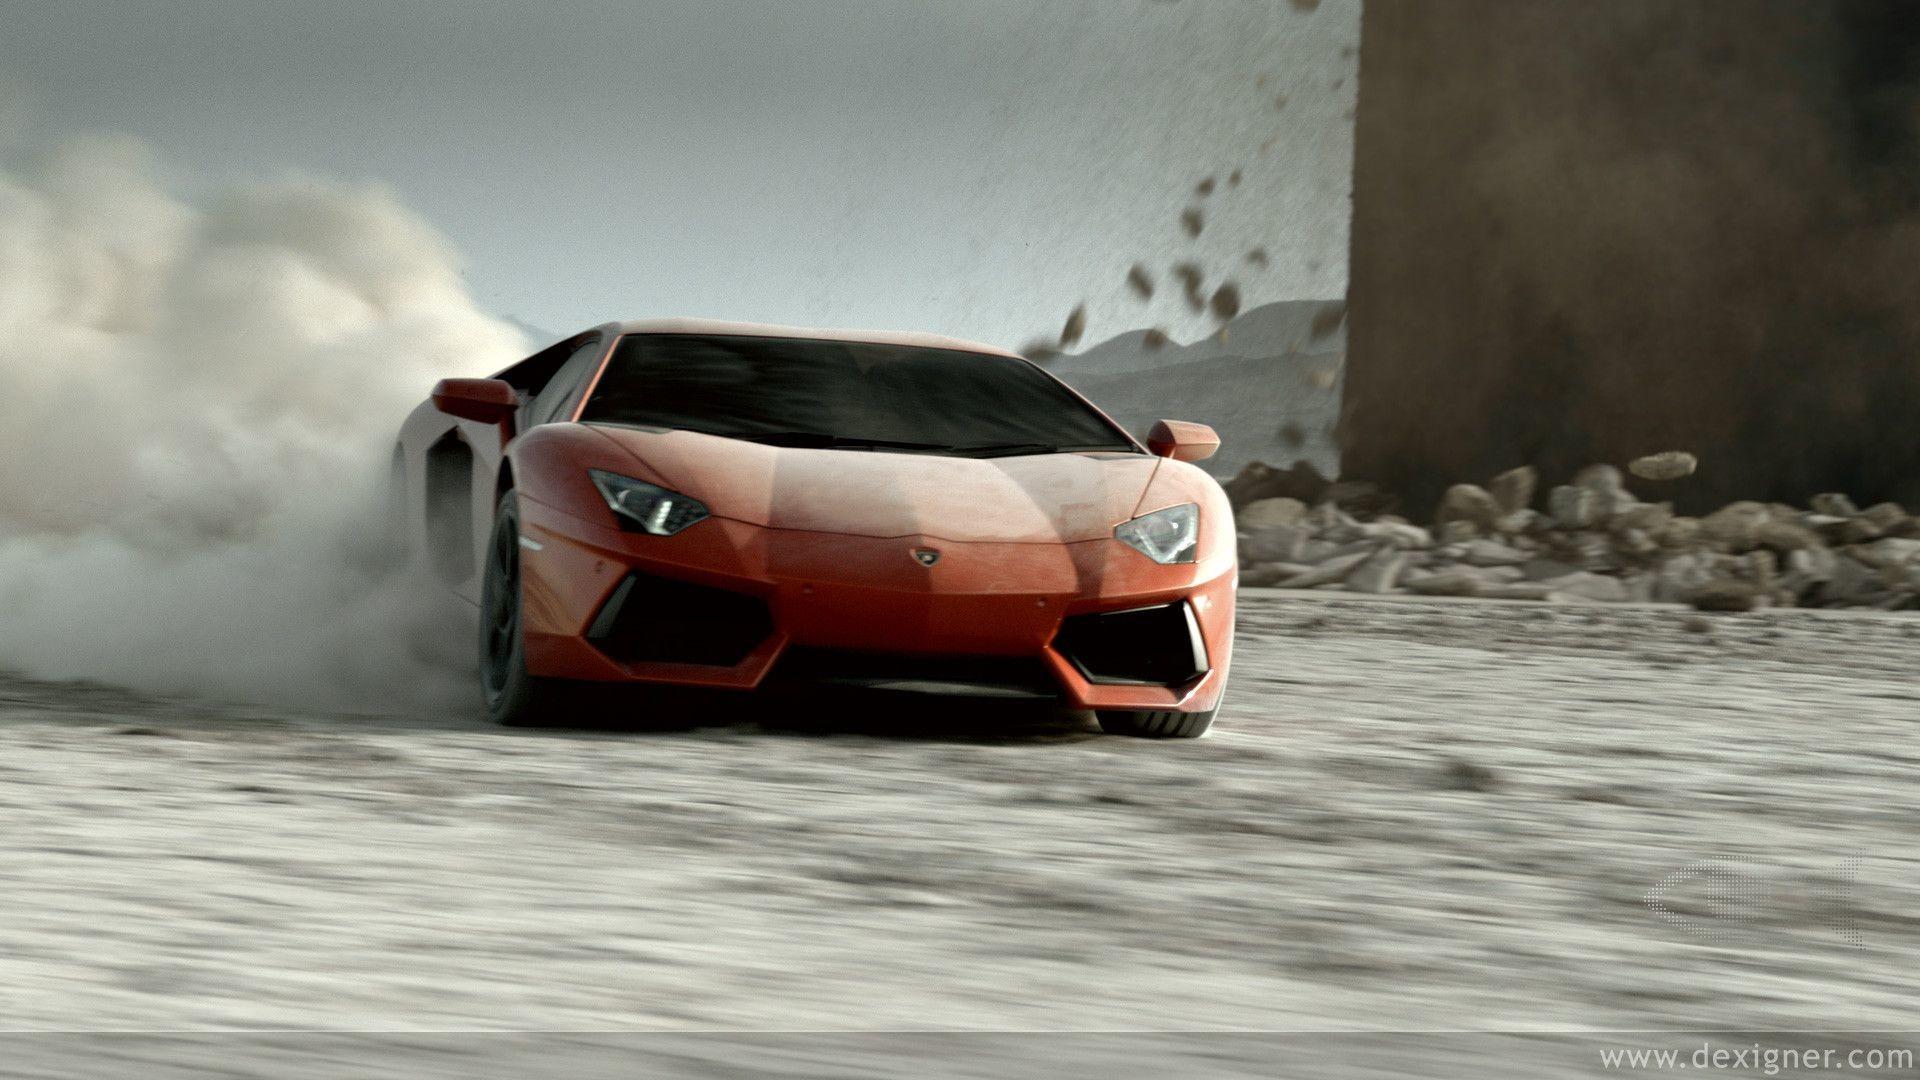 Nice full HD Lamborghini wallpapers 1920×1200 Lamborghini Images Wallpapers  (41 Wallpapers)  